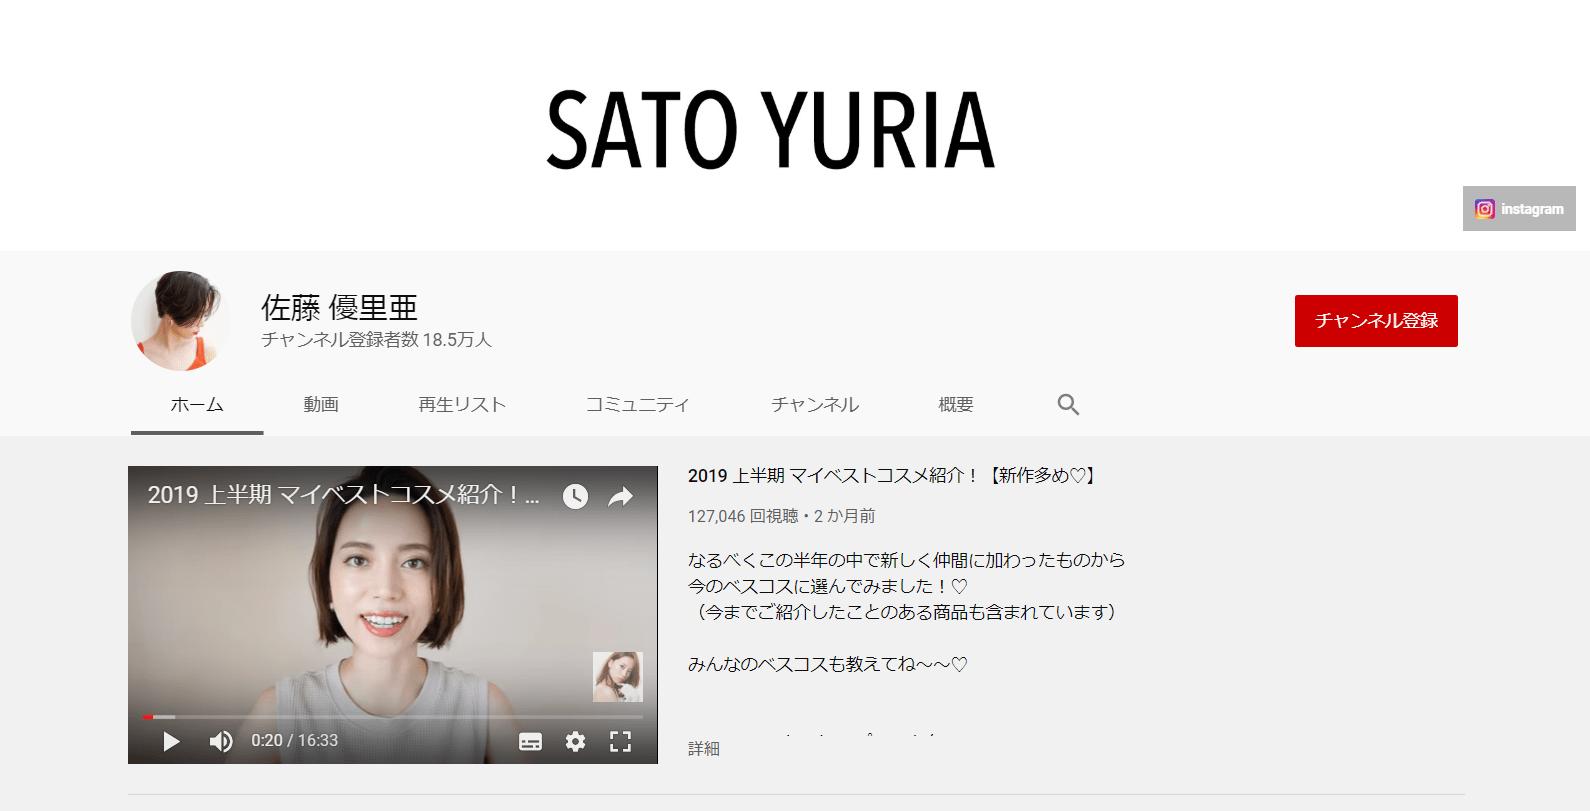 youtube-fashion-influencer-sato-yuria